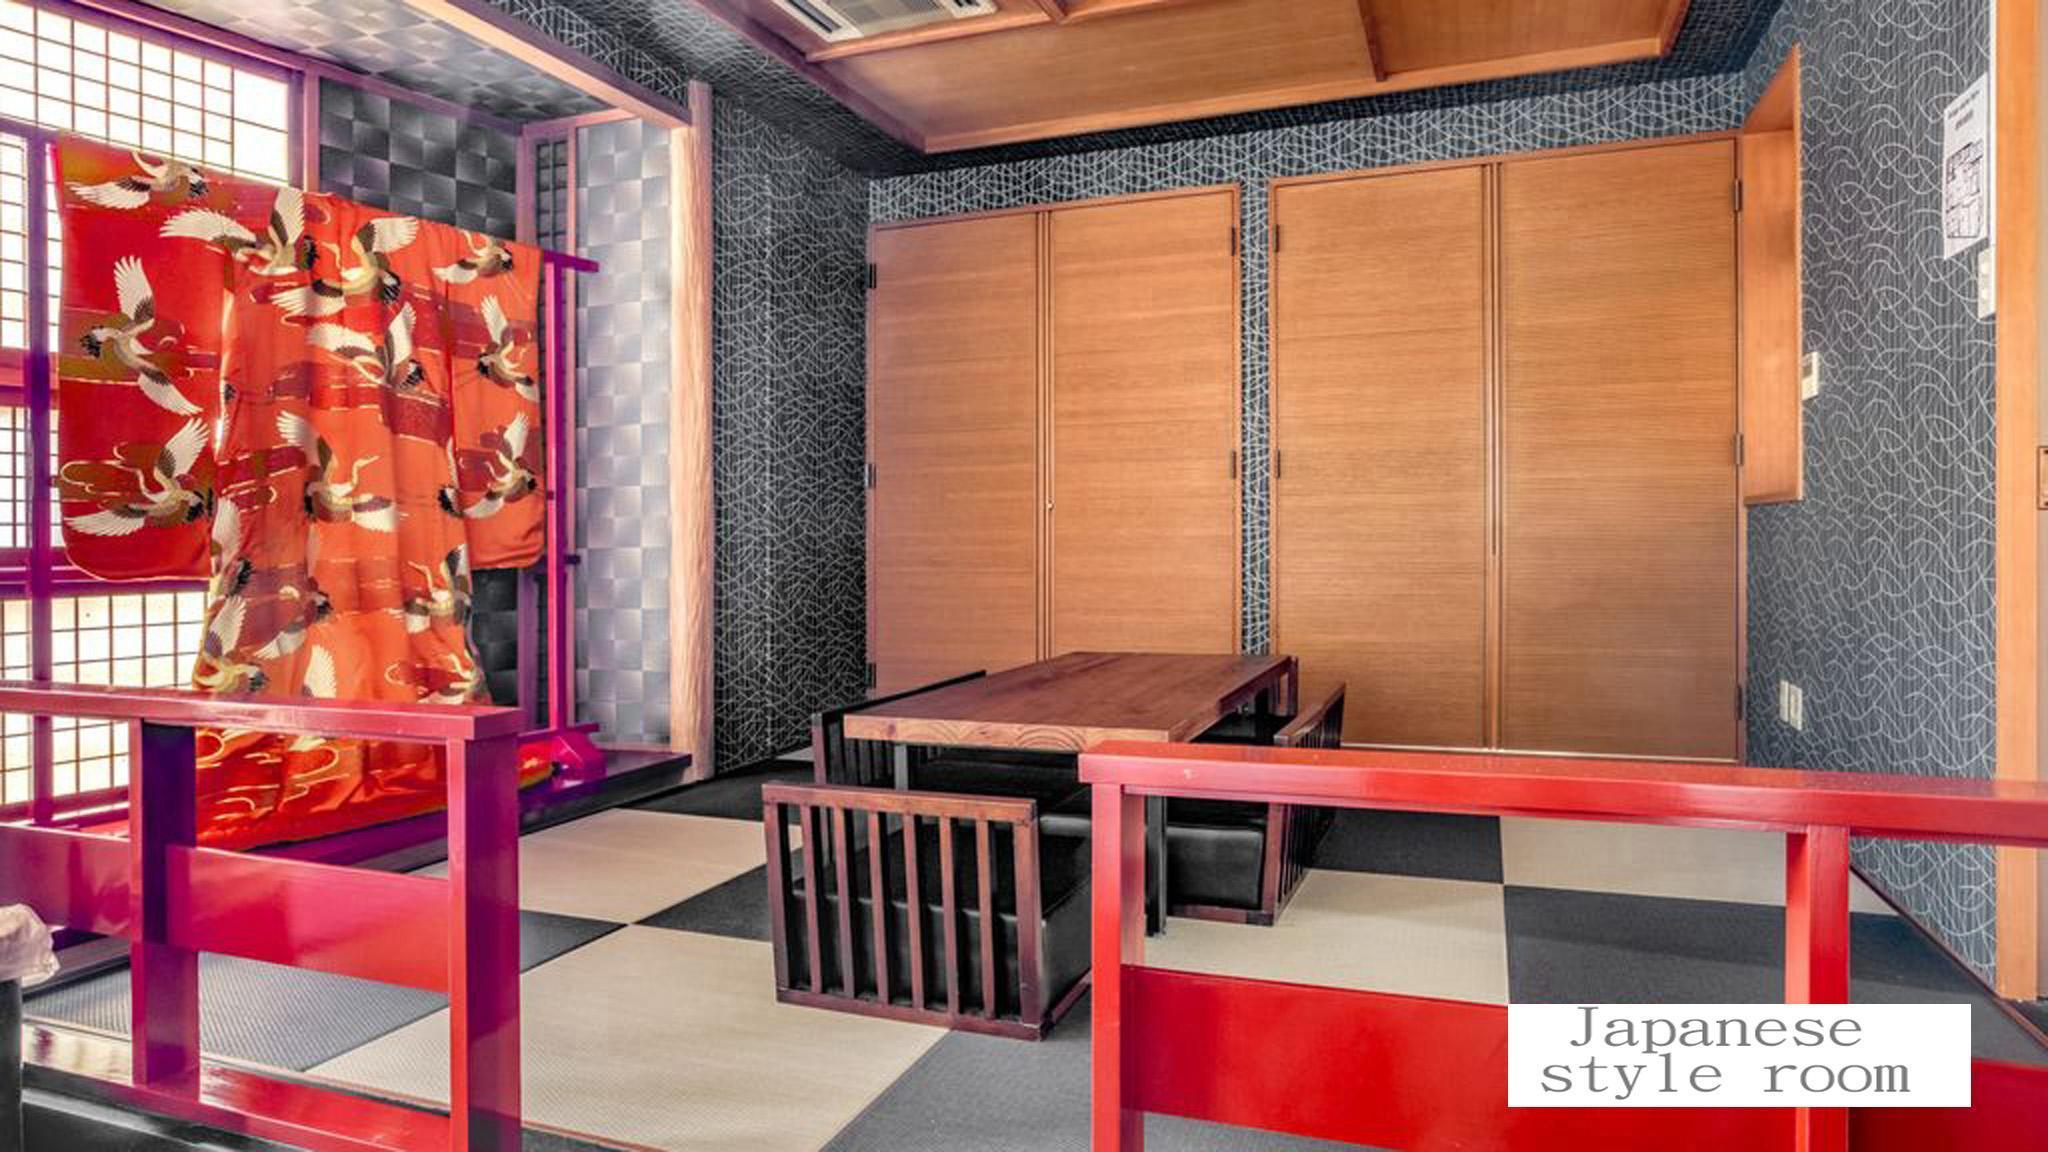 WOO HOUSE 4F Modern 3 Bedroom 130m2 Flat Osaka